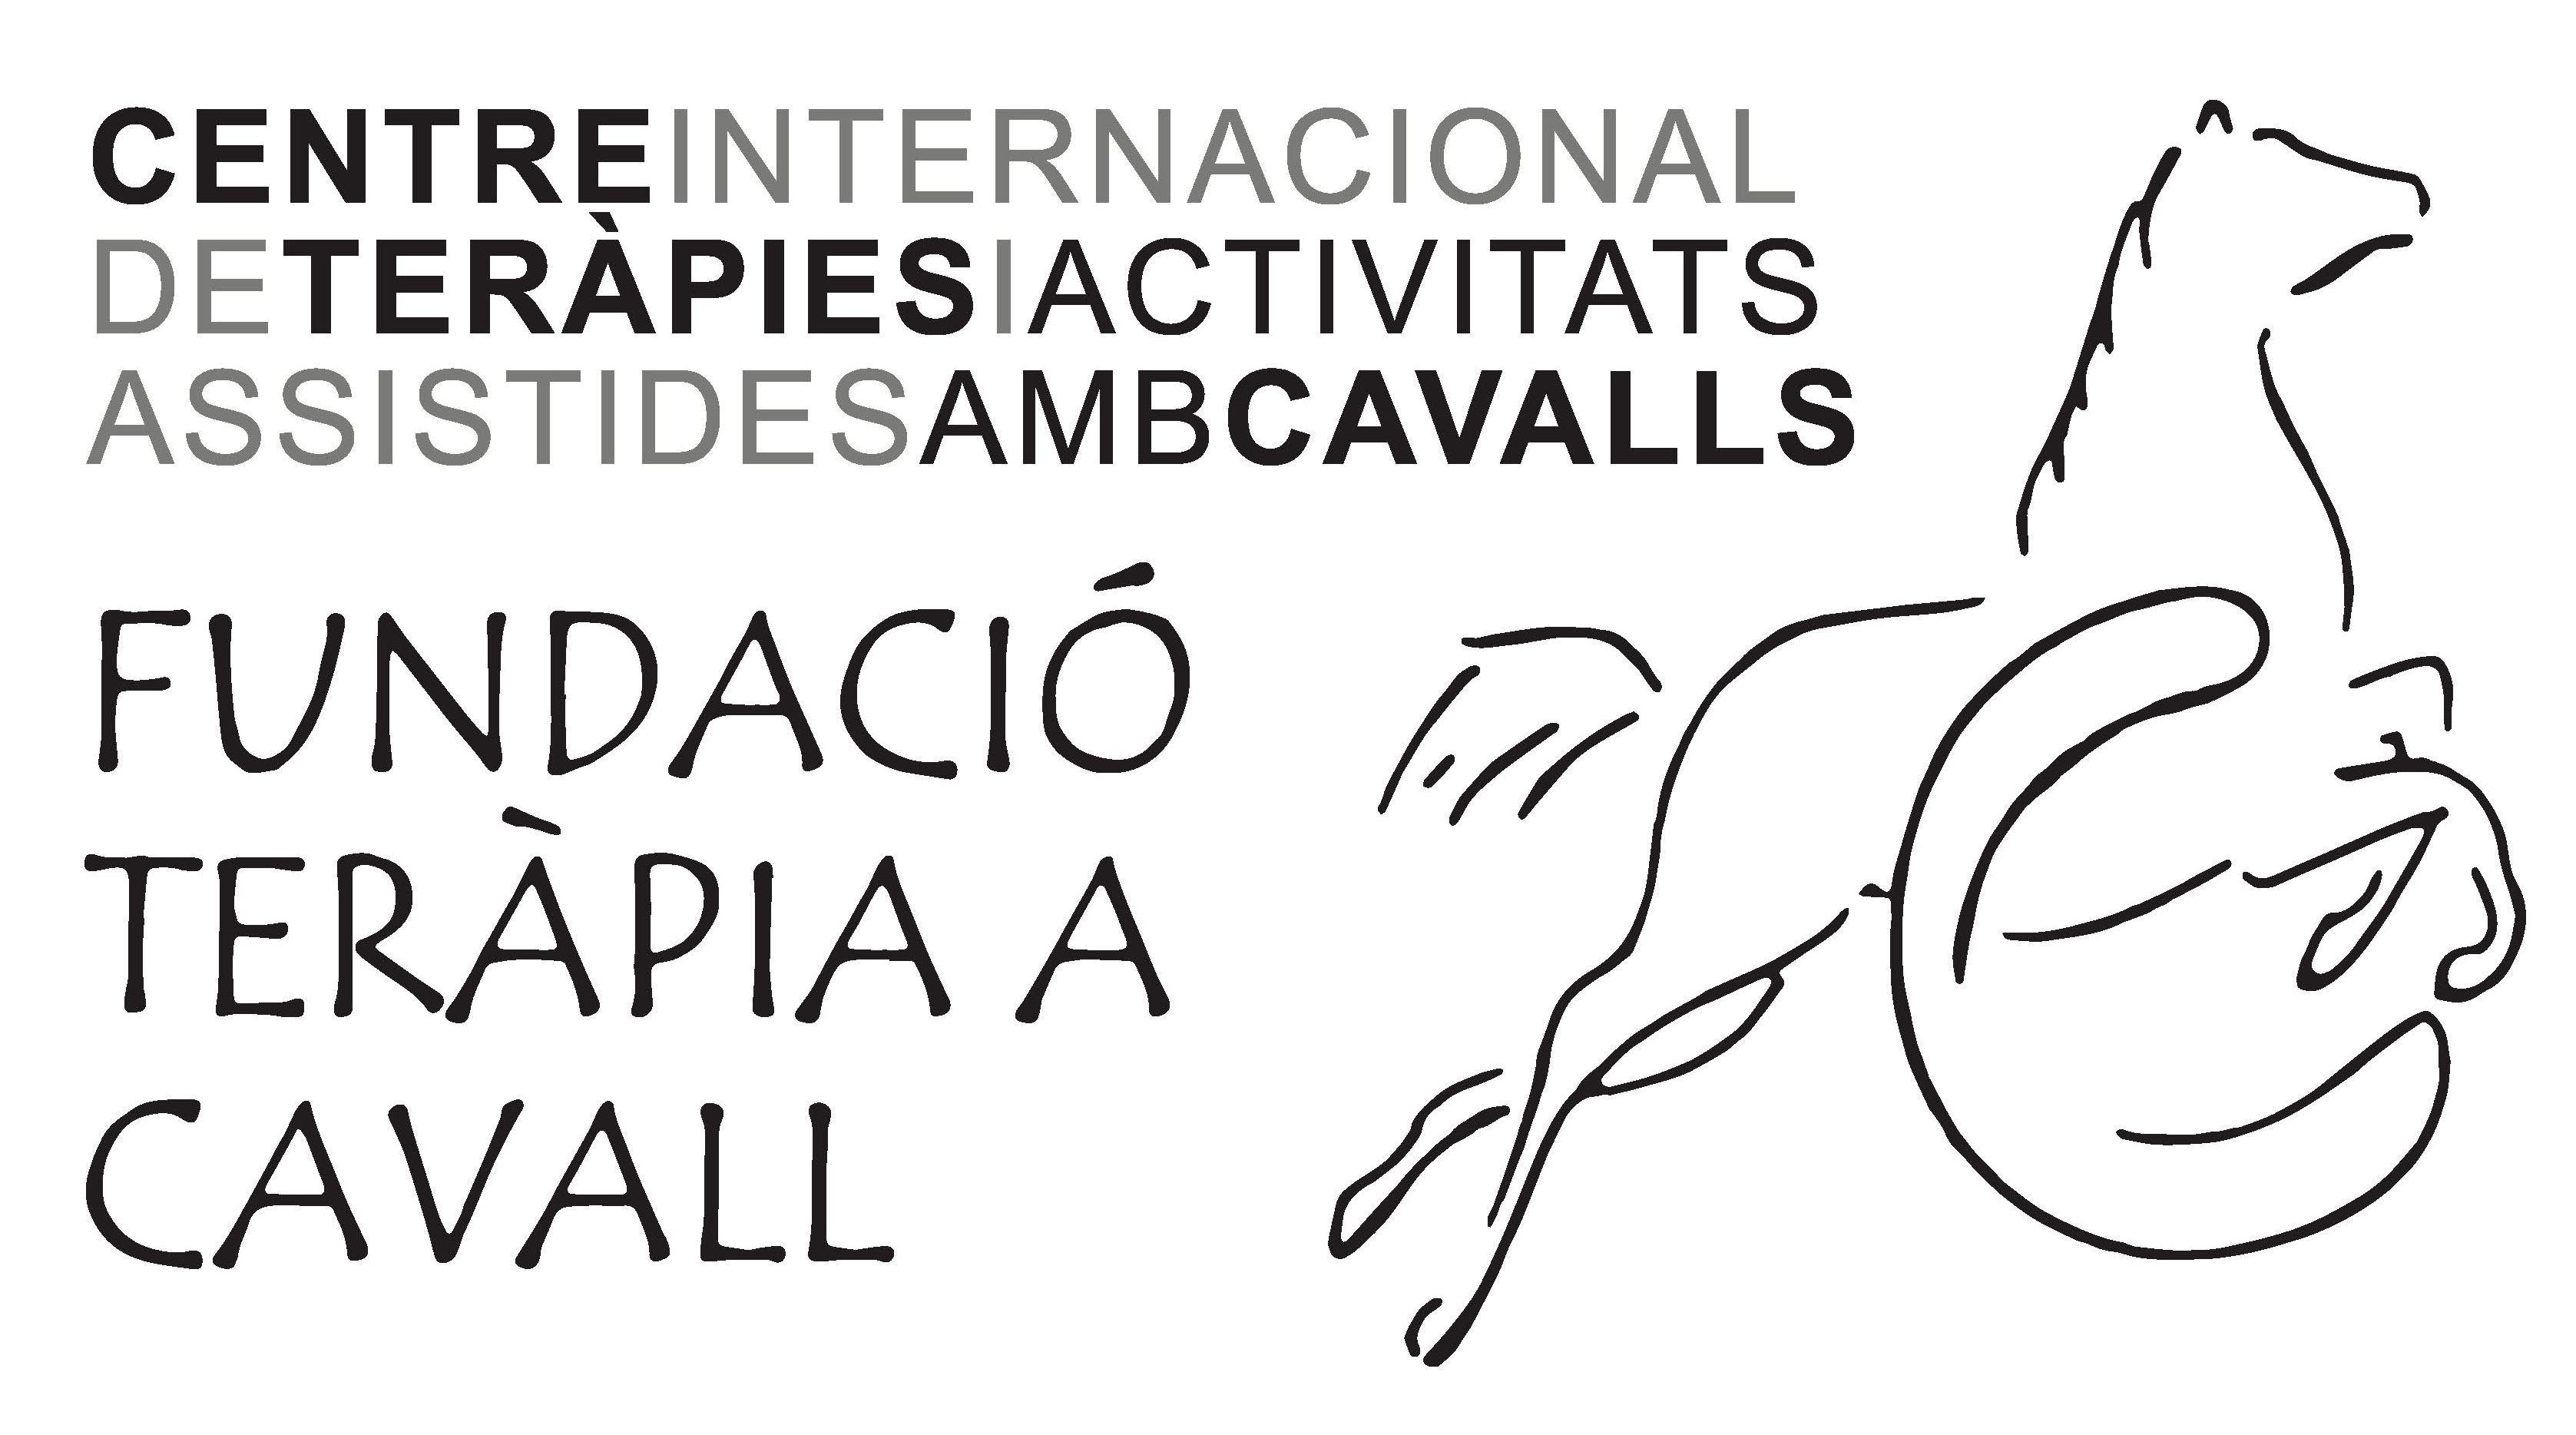 Fundació teràpia a cavall Logo